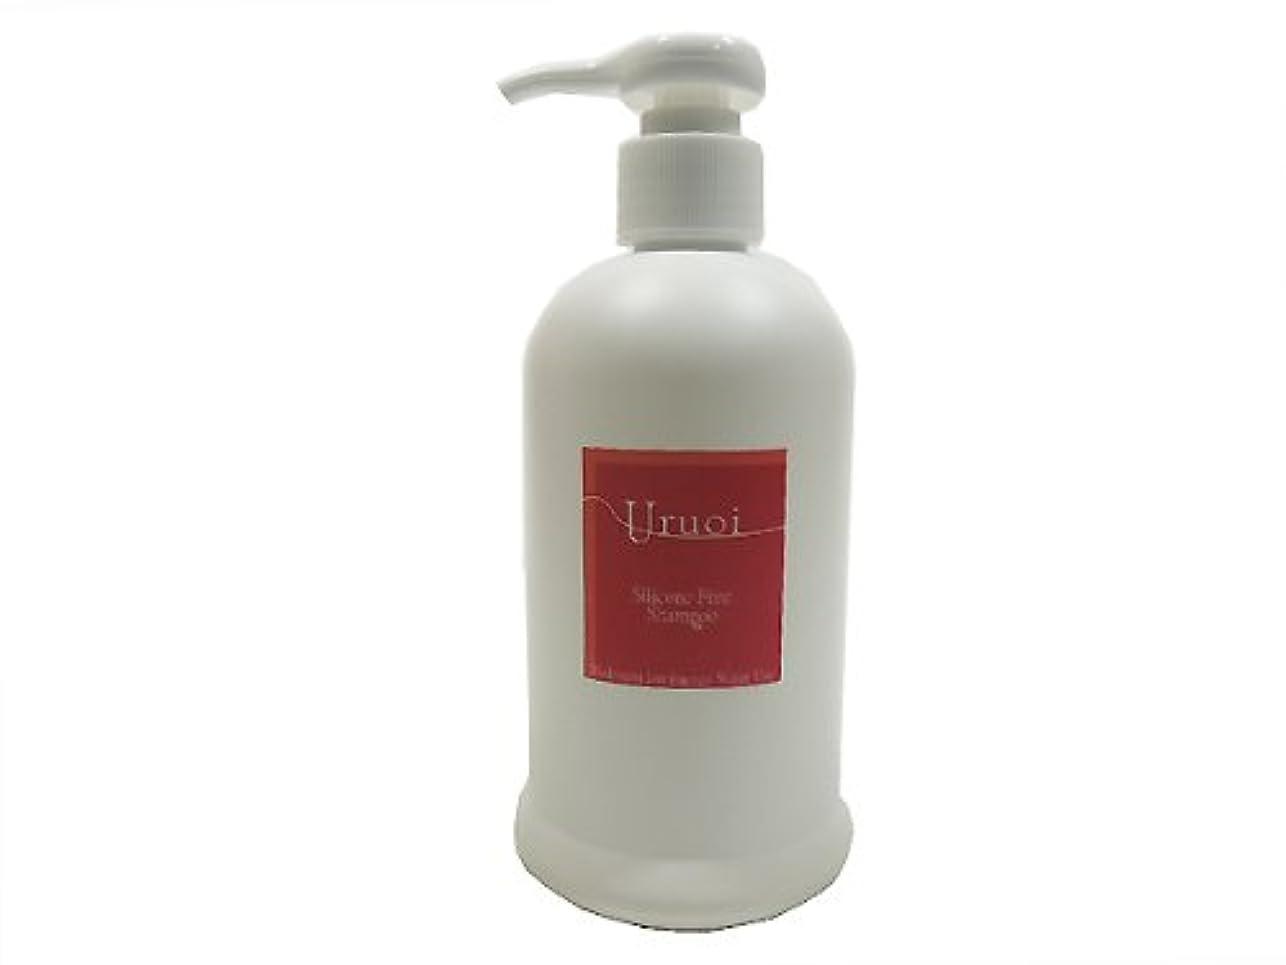 あたりイデオロギーますます水素イオン発生エネルギー水 うるおいシャンプー ノンシリコン Silicone Free Uruoi Shampoo